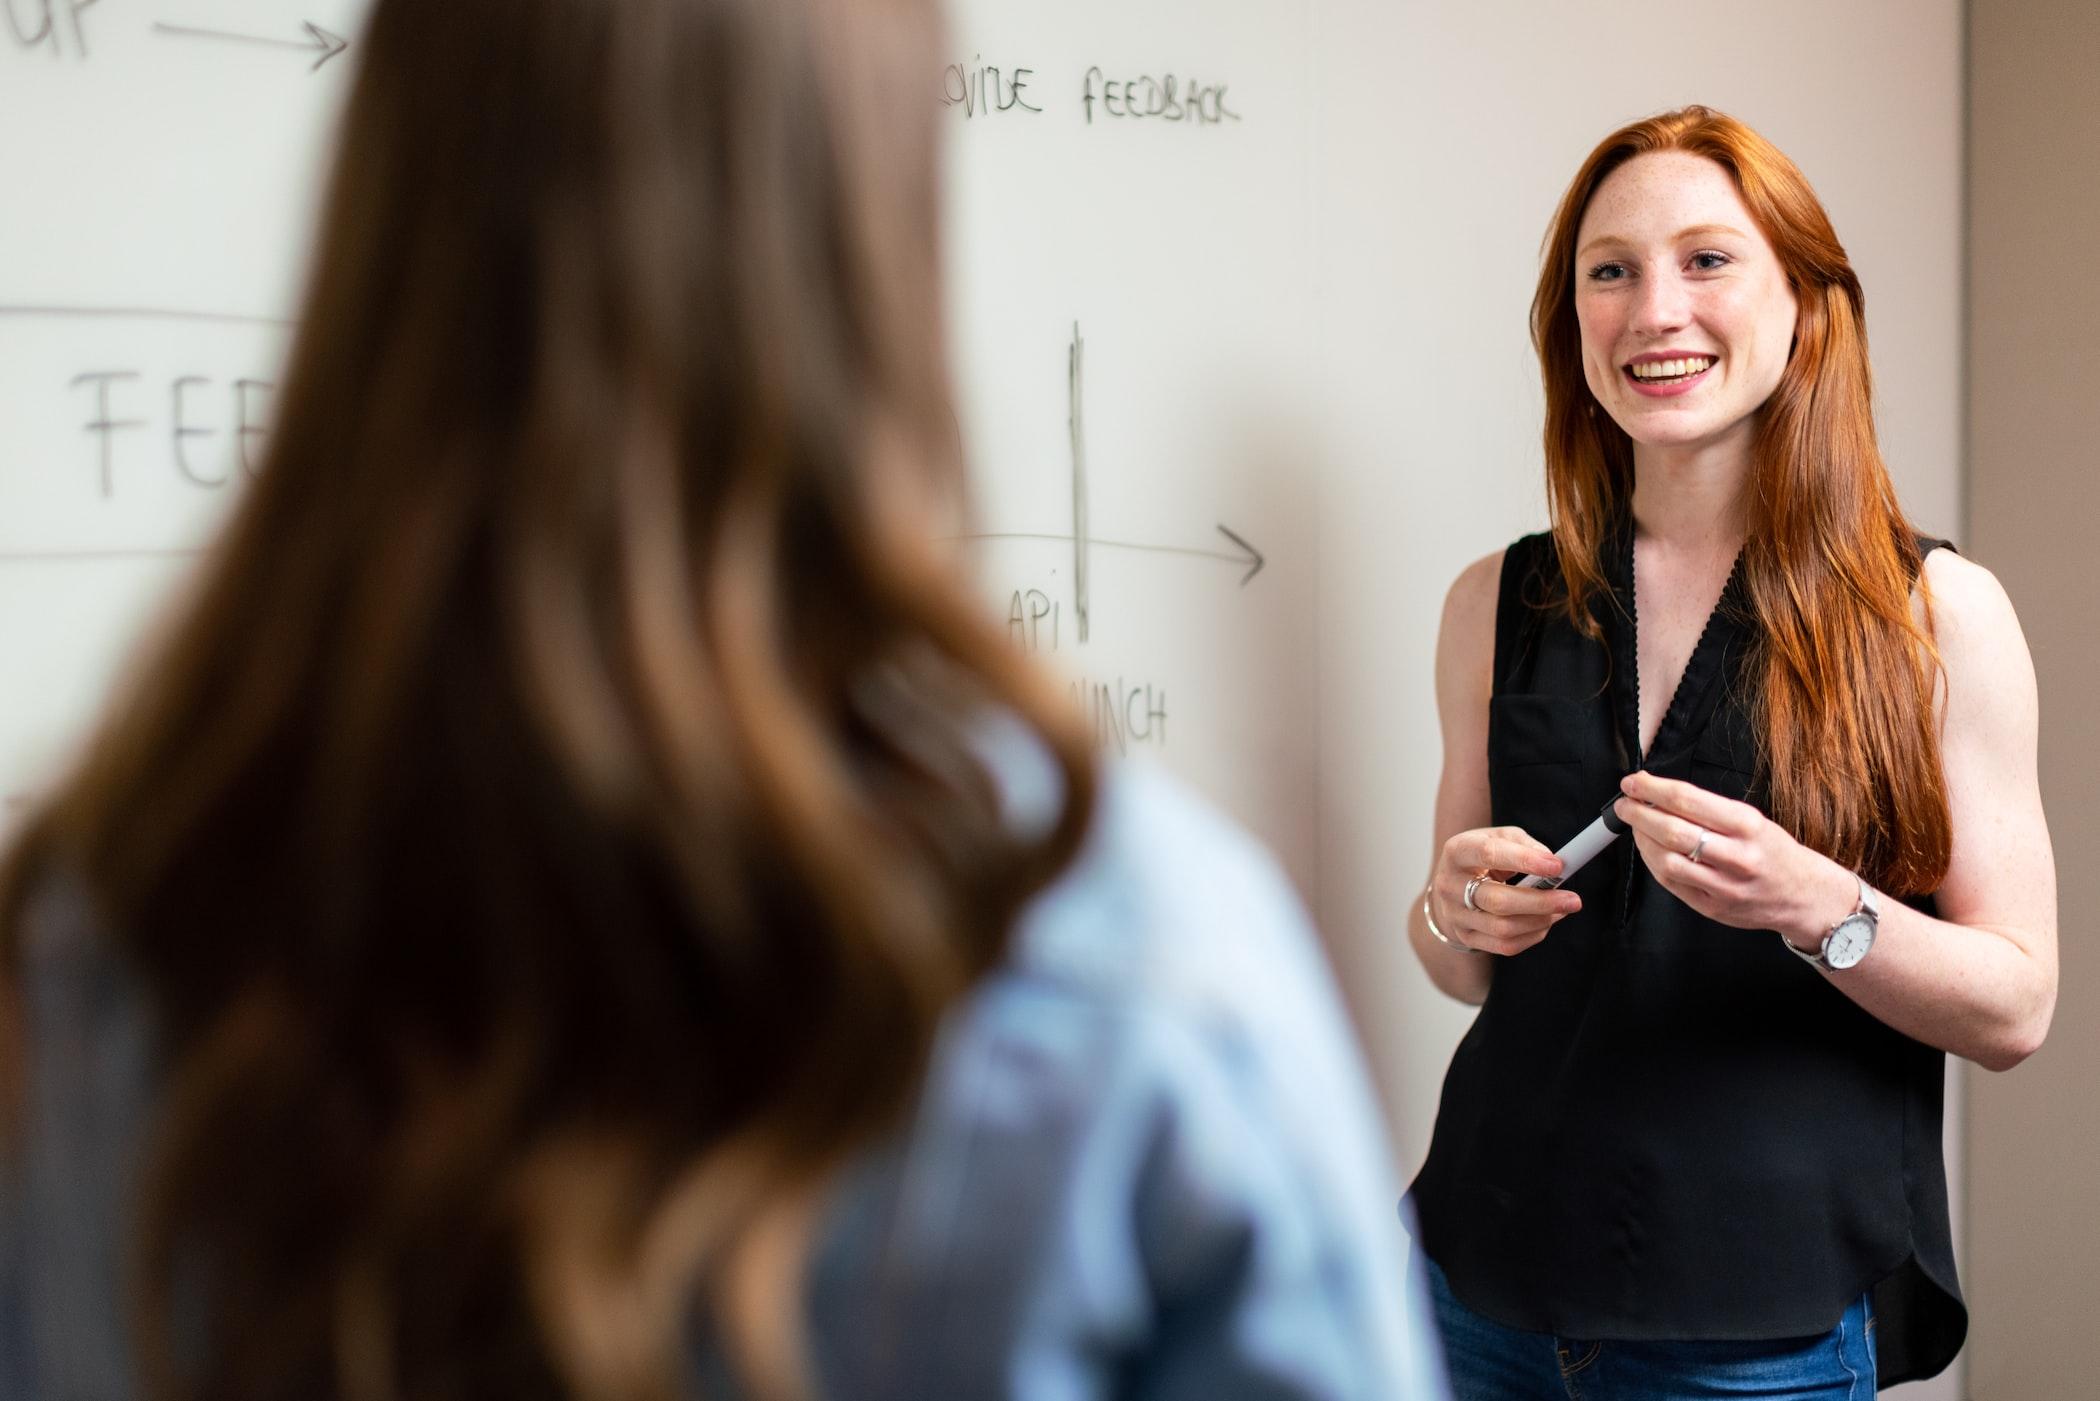 授業中にバレずに内職をするコツ・バレない方法『先生に素直に言ってみる』